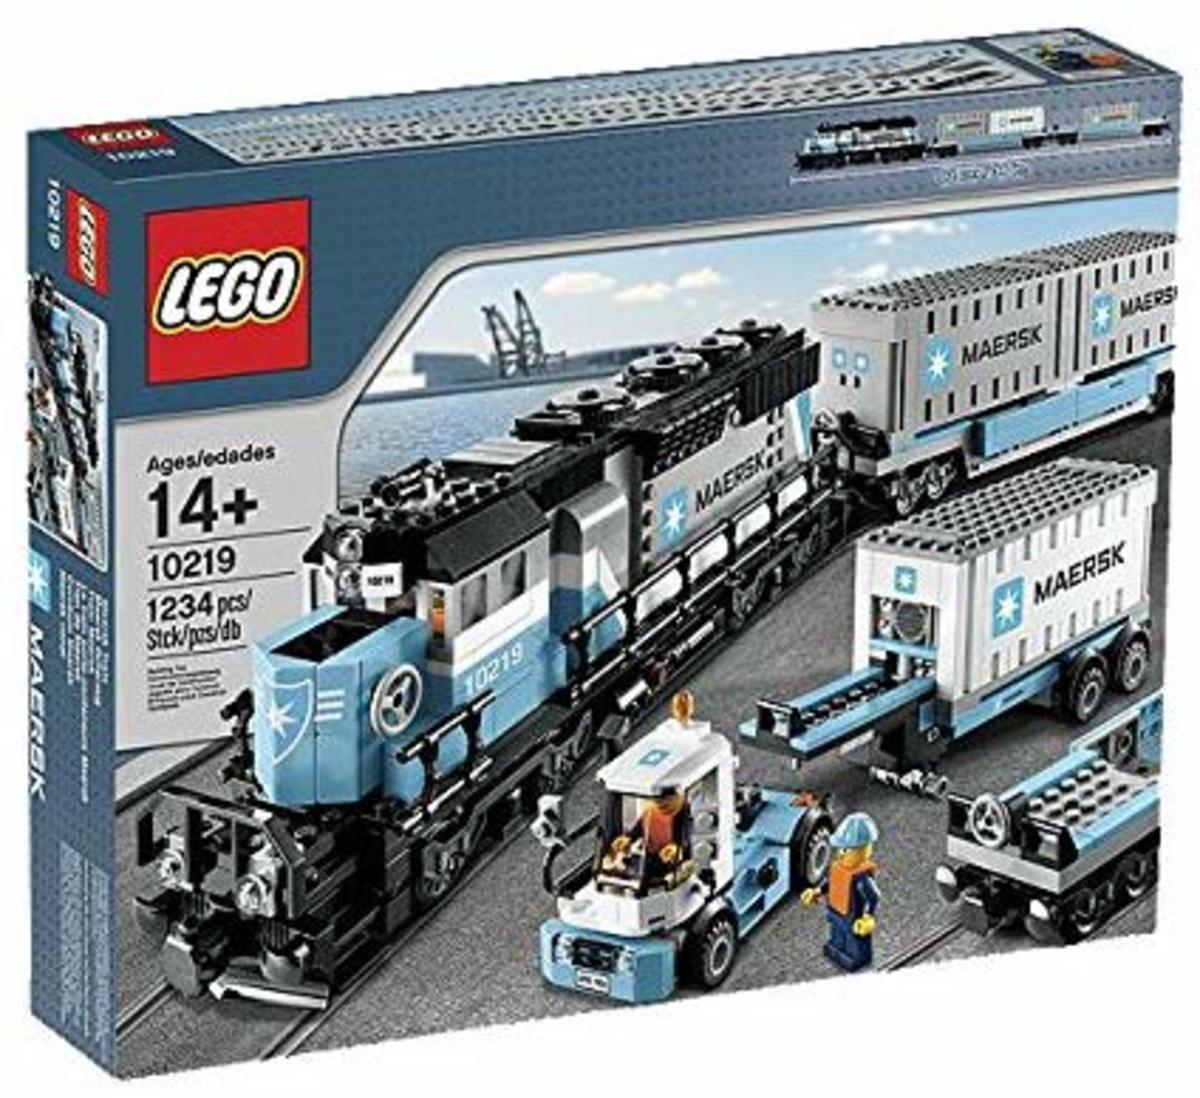 Lego Maesrk Train Set (10219)